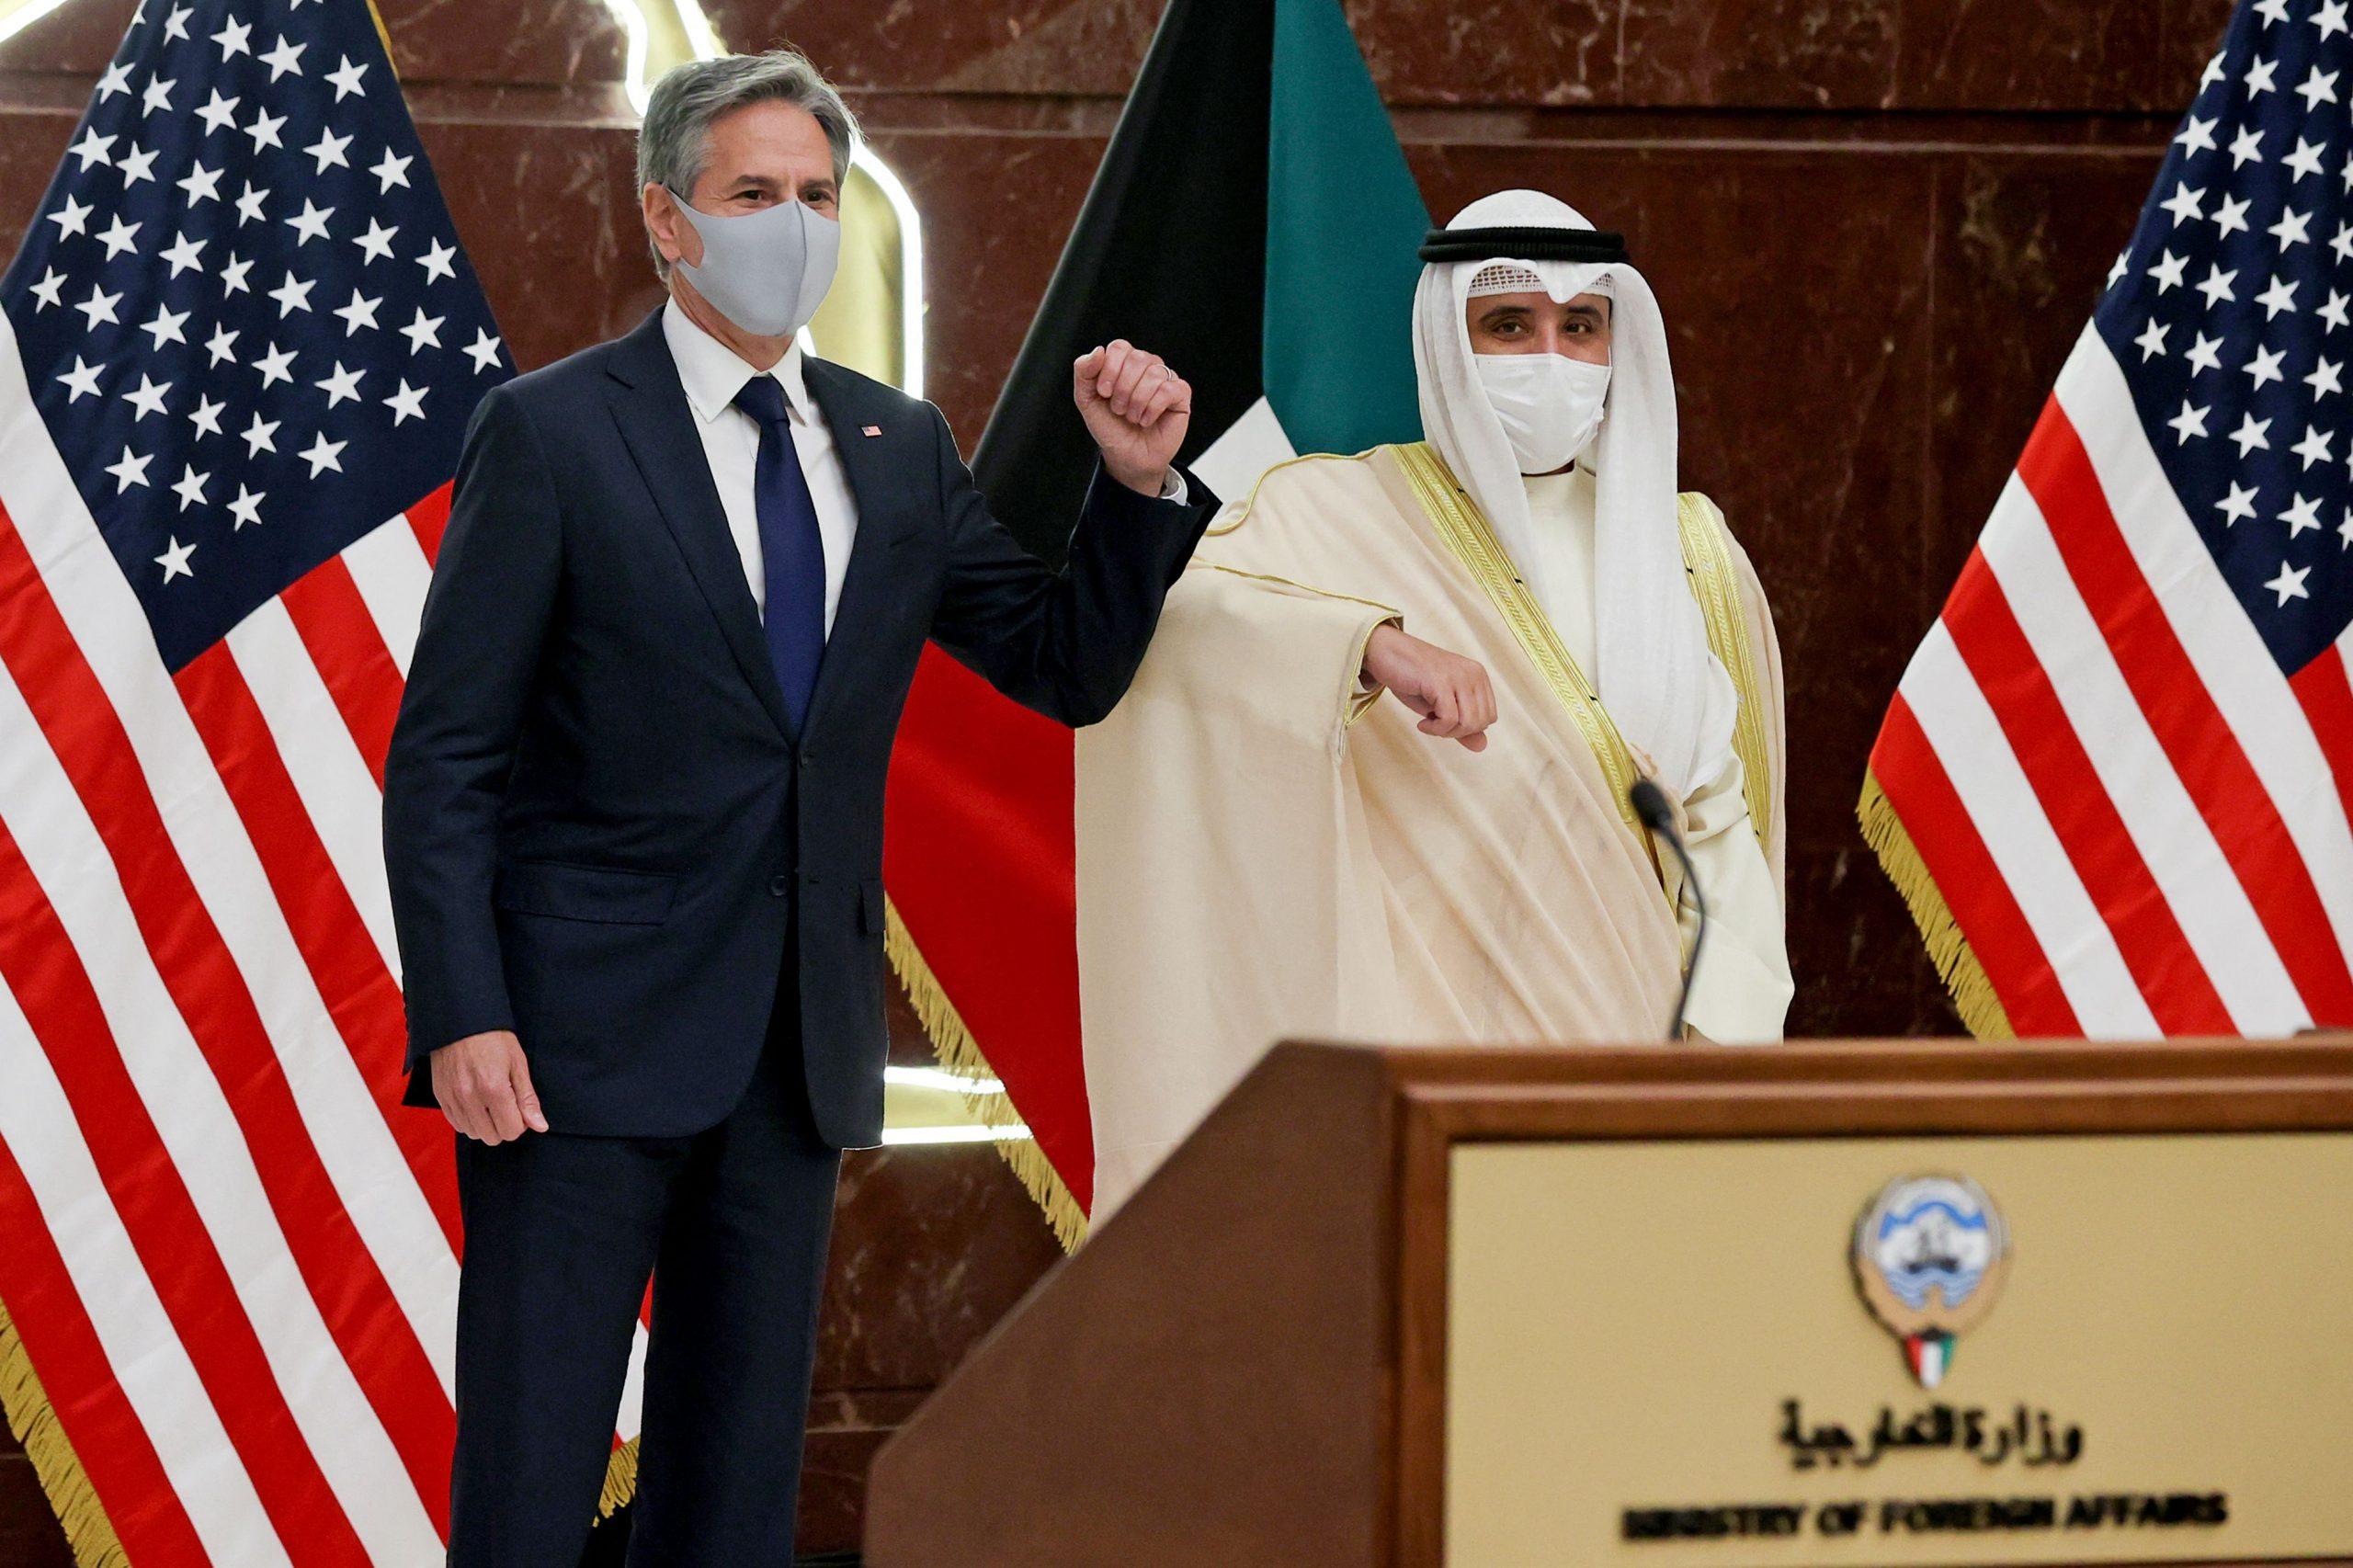 ٢٠٢١٠٧٢٩ ١٣٣٥٣٩ scaled - #وزير_الخارجية_الأميركي: #الكويت أظهرت حسن القيادة في حل الأزمات الإقليمية.  #العبدلي_نيوز